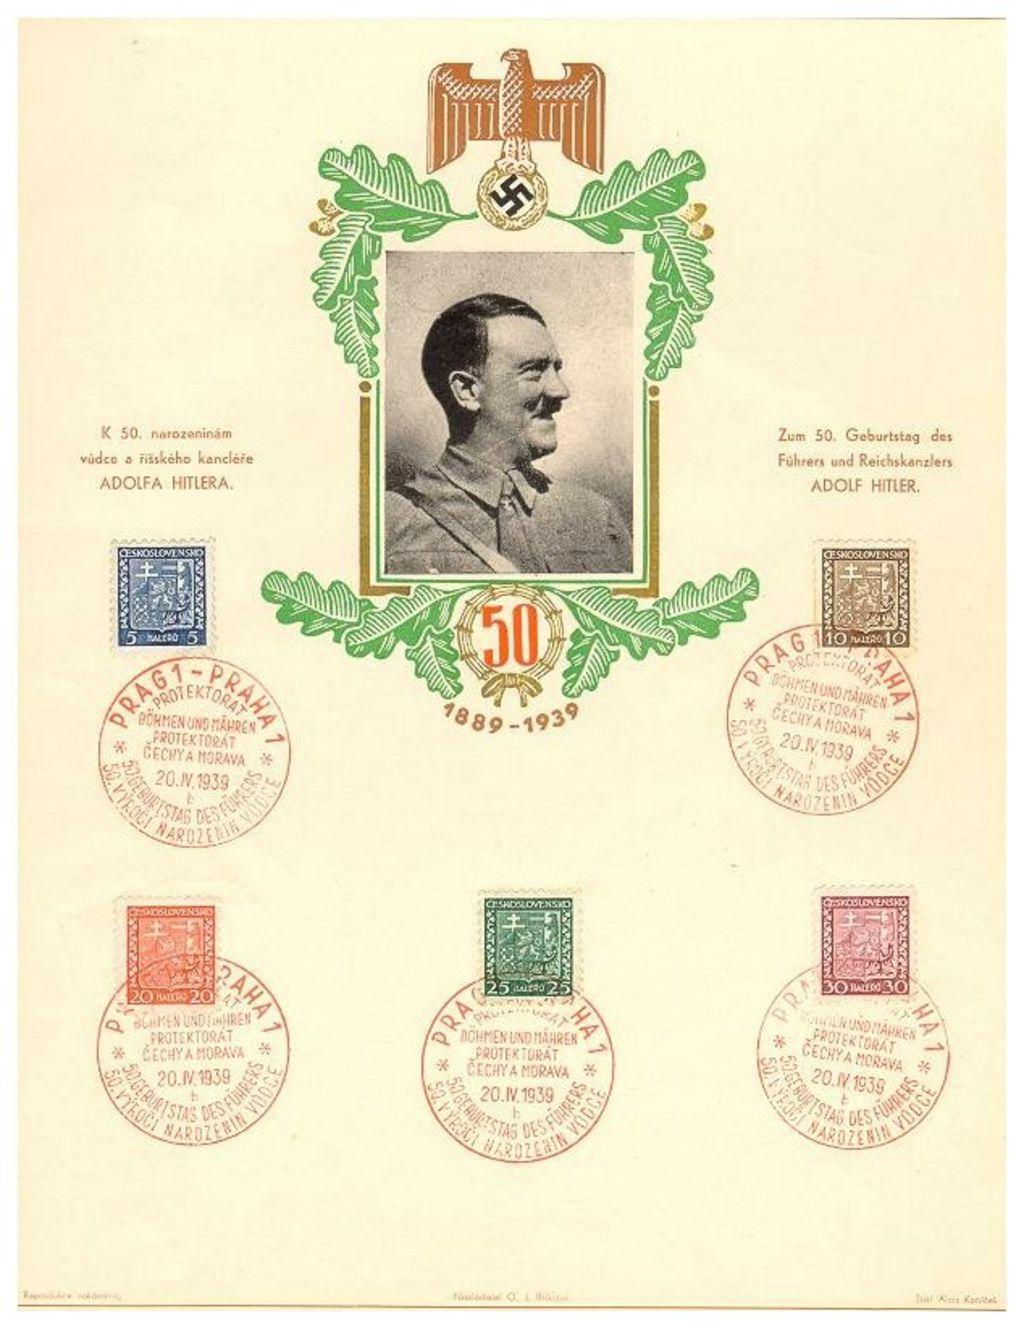 Lemo Bestand Objekt Schmuckblatt Zum 50 Geburtstag Von Adolf